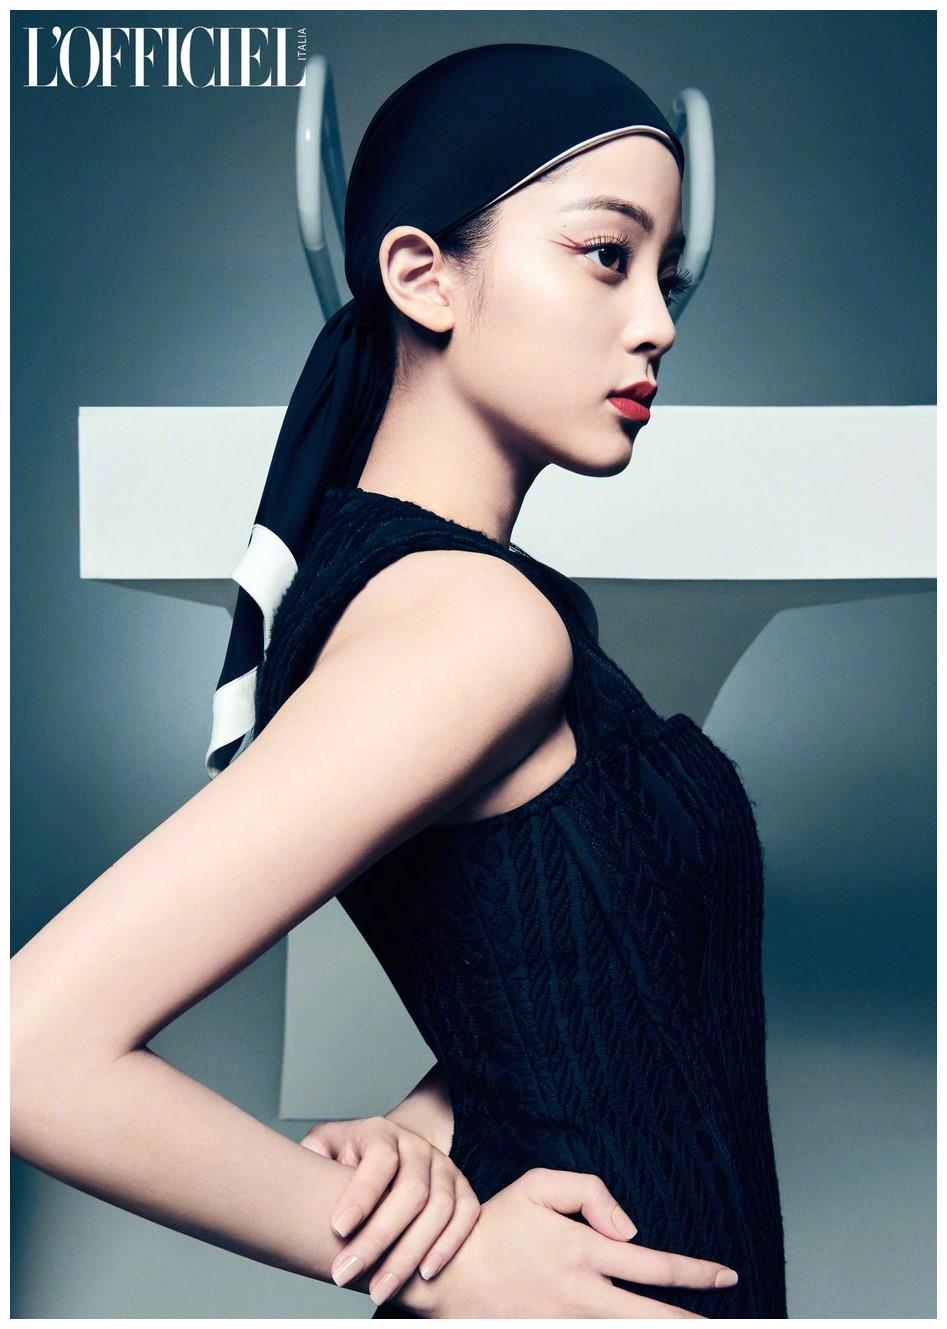 欧阳娜娜意大利杂志封面照片曝光 美背纤细潮酷帅气